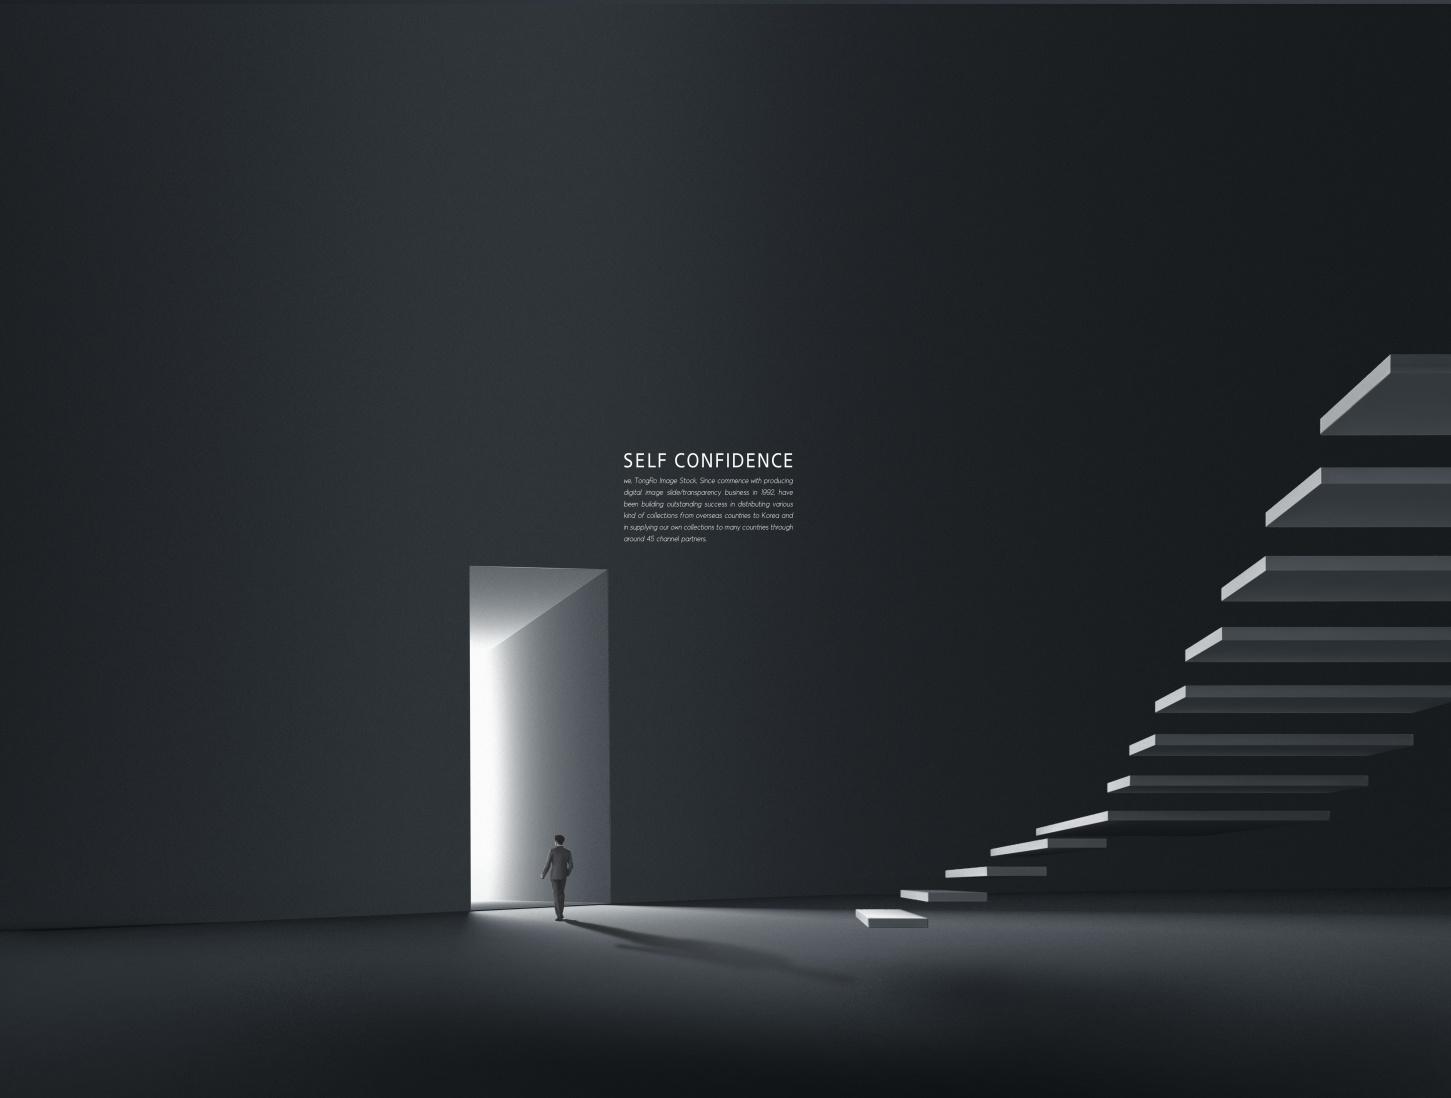 [单独购买] 12款创意黑白几何虚拟空间企业文化宣传主视觉海报设计PS素材模板 Virtual Space Sale Poster Template插图7